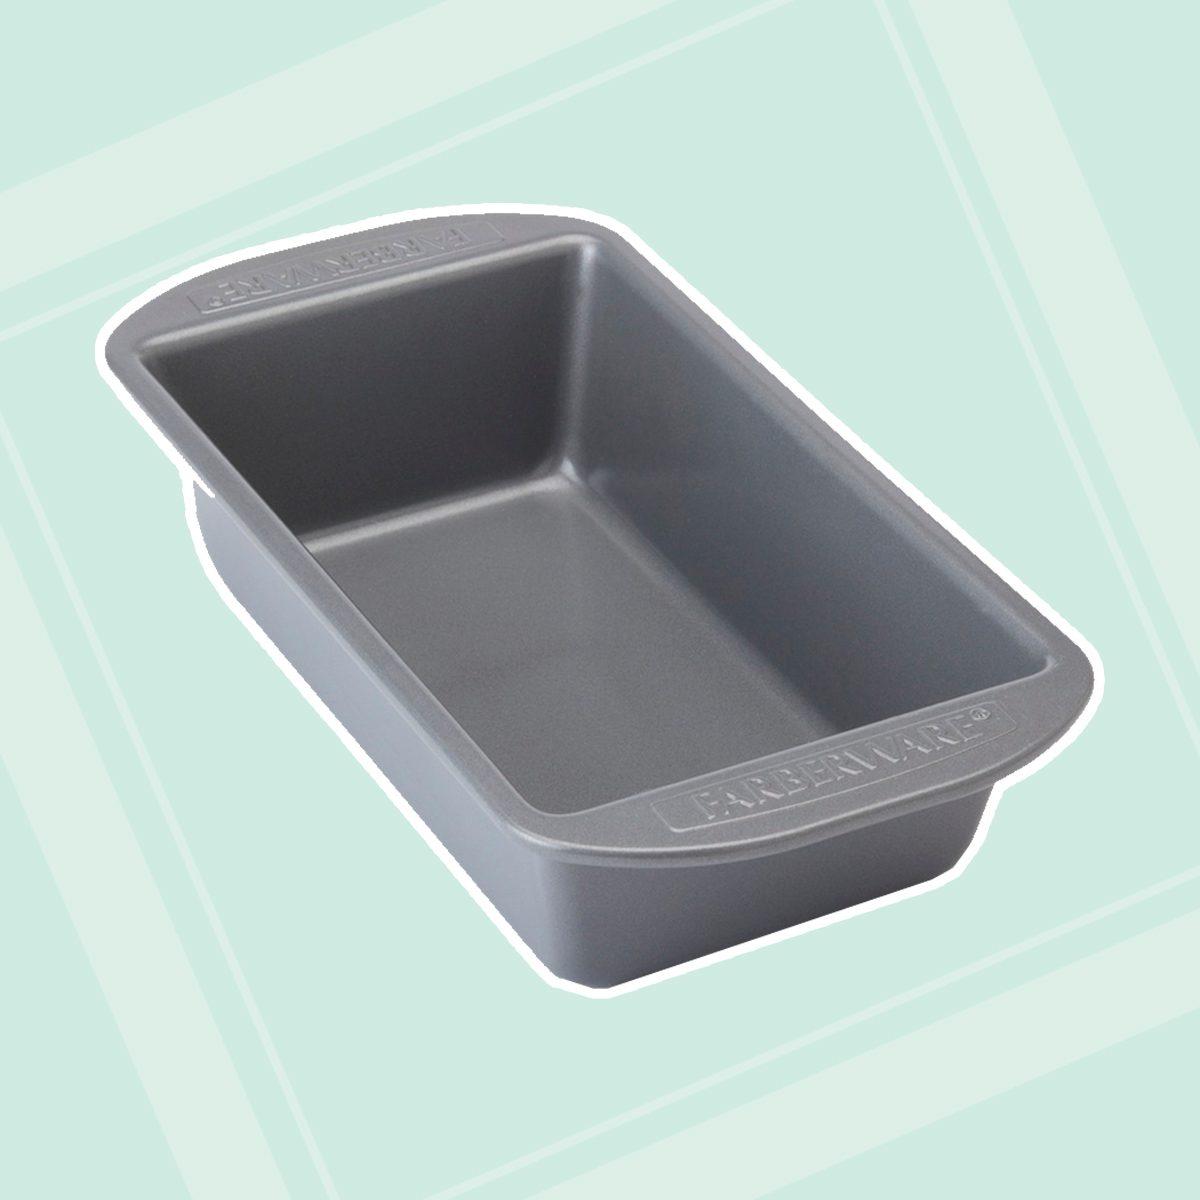 Farberware® 9'' x 5'' Nonstick Aluminum Loaf Pan